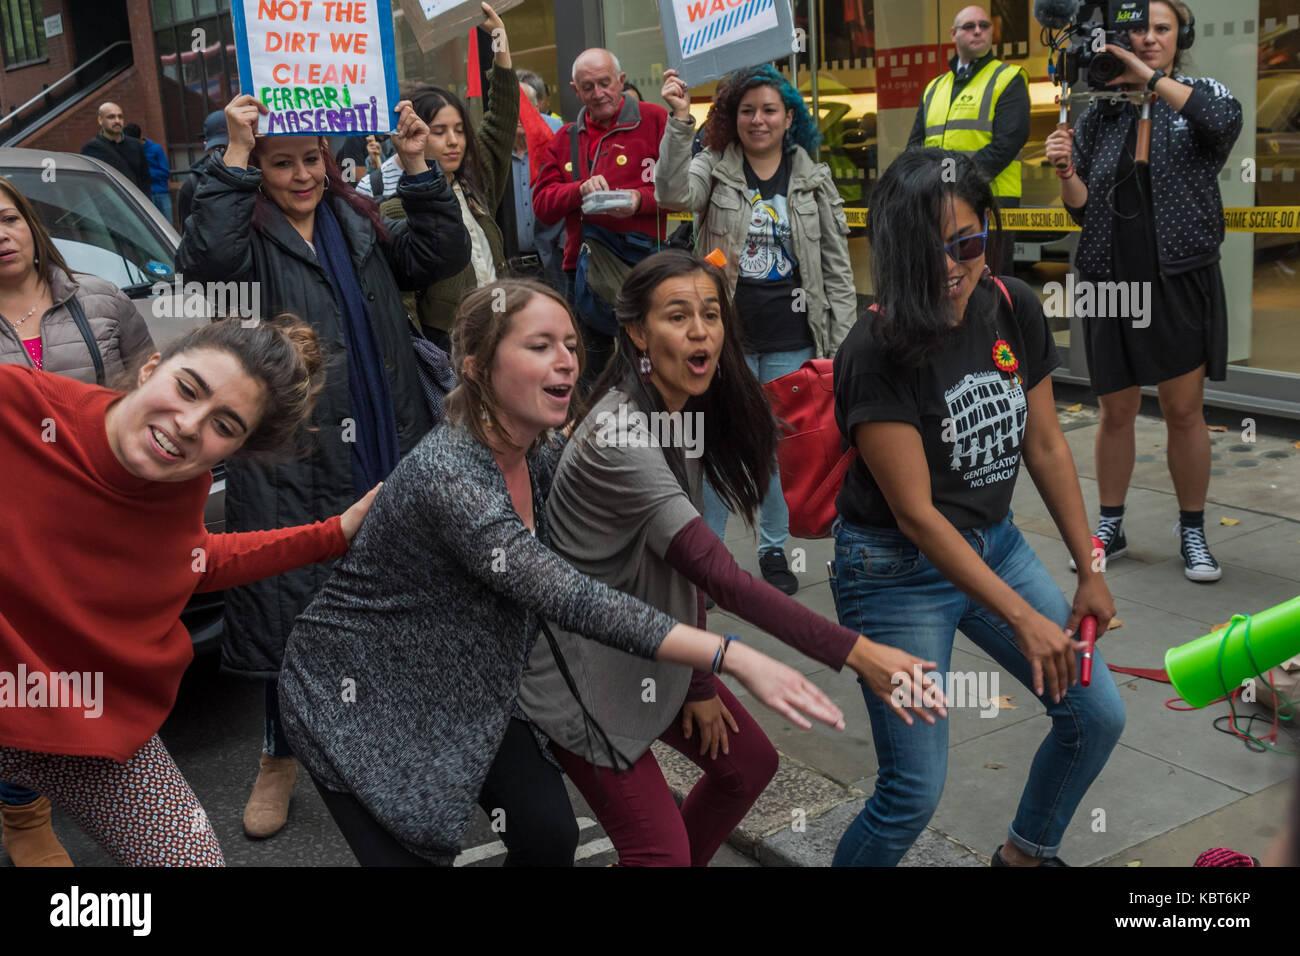 September 30, 2017 - London, UK. 30th September 2017. Protesters dance outside the Ferrari showroom of Kensington - Stock Image